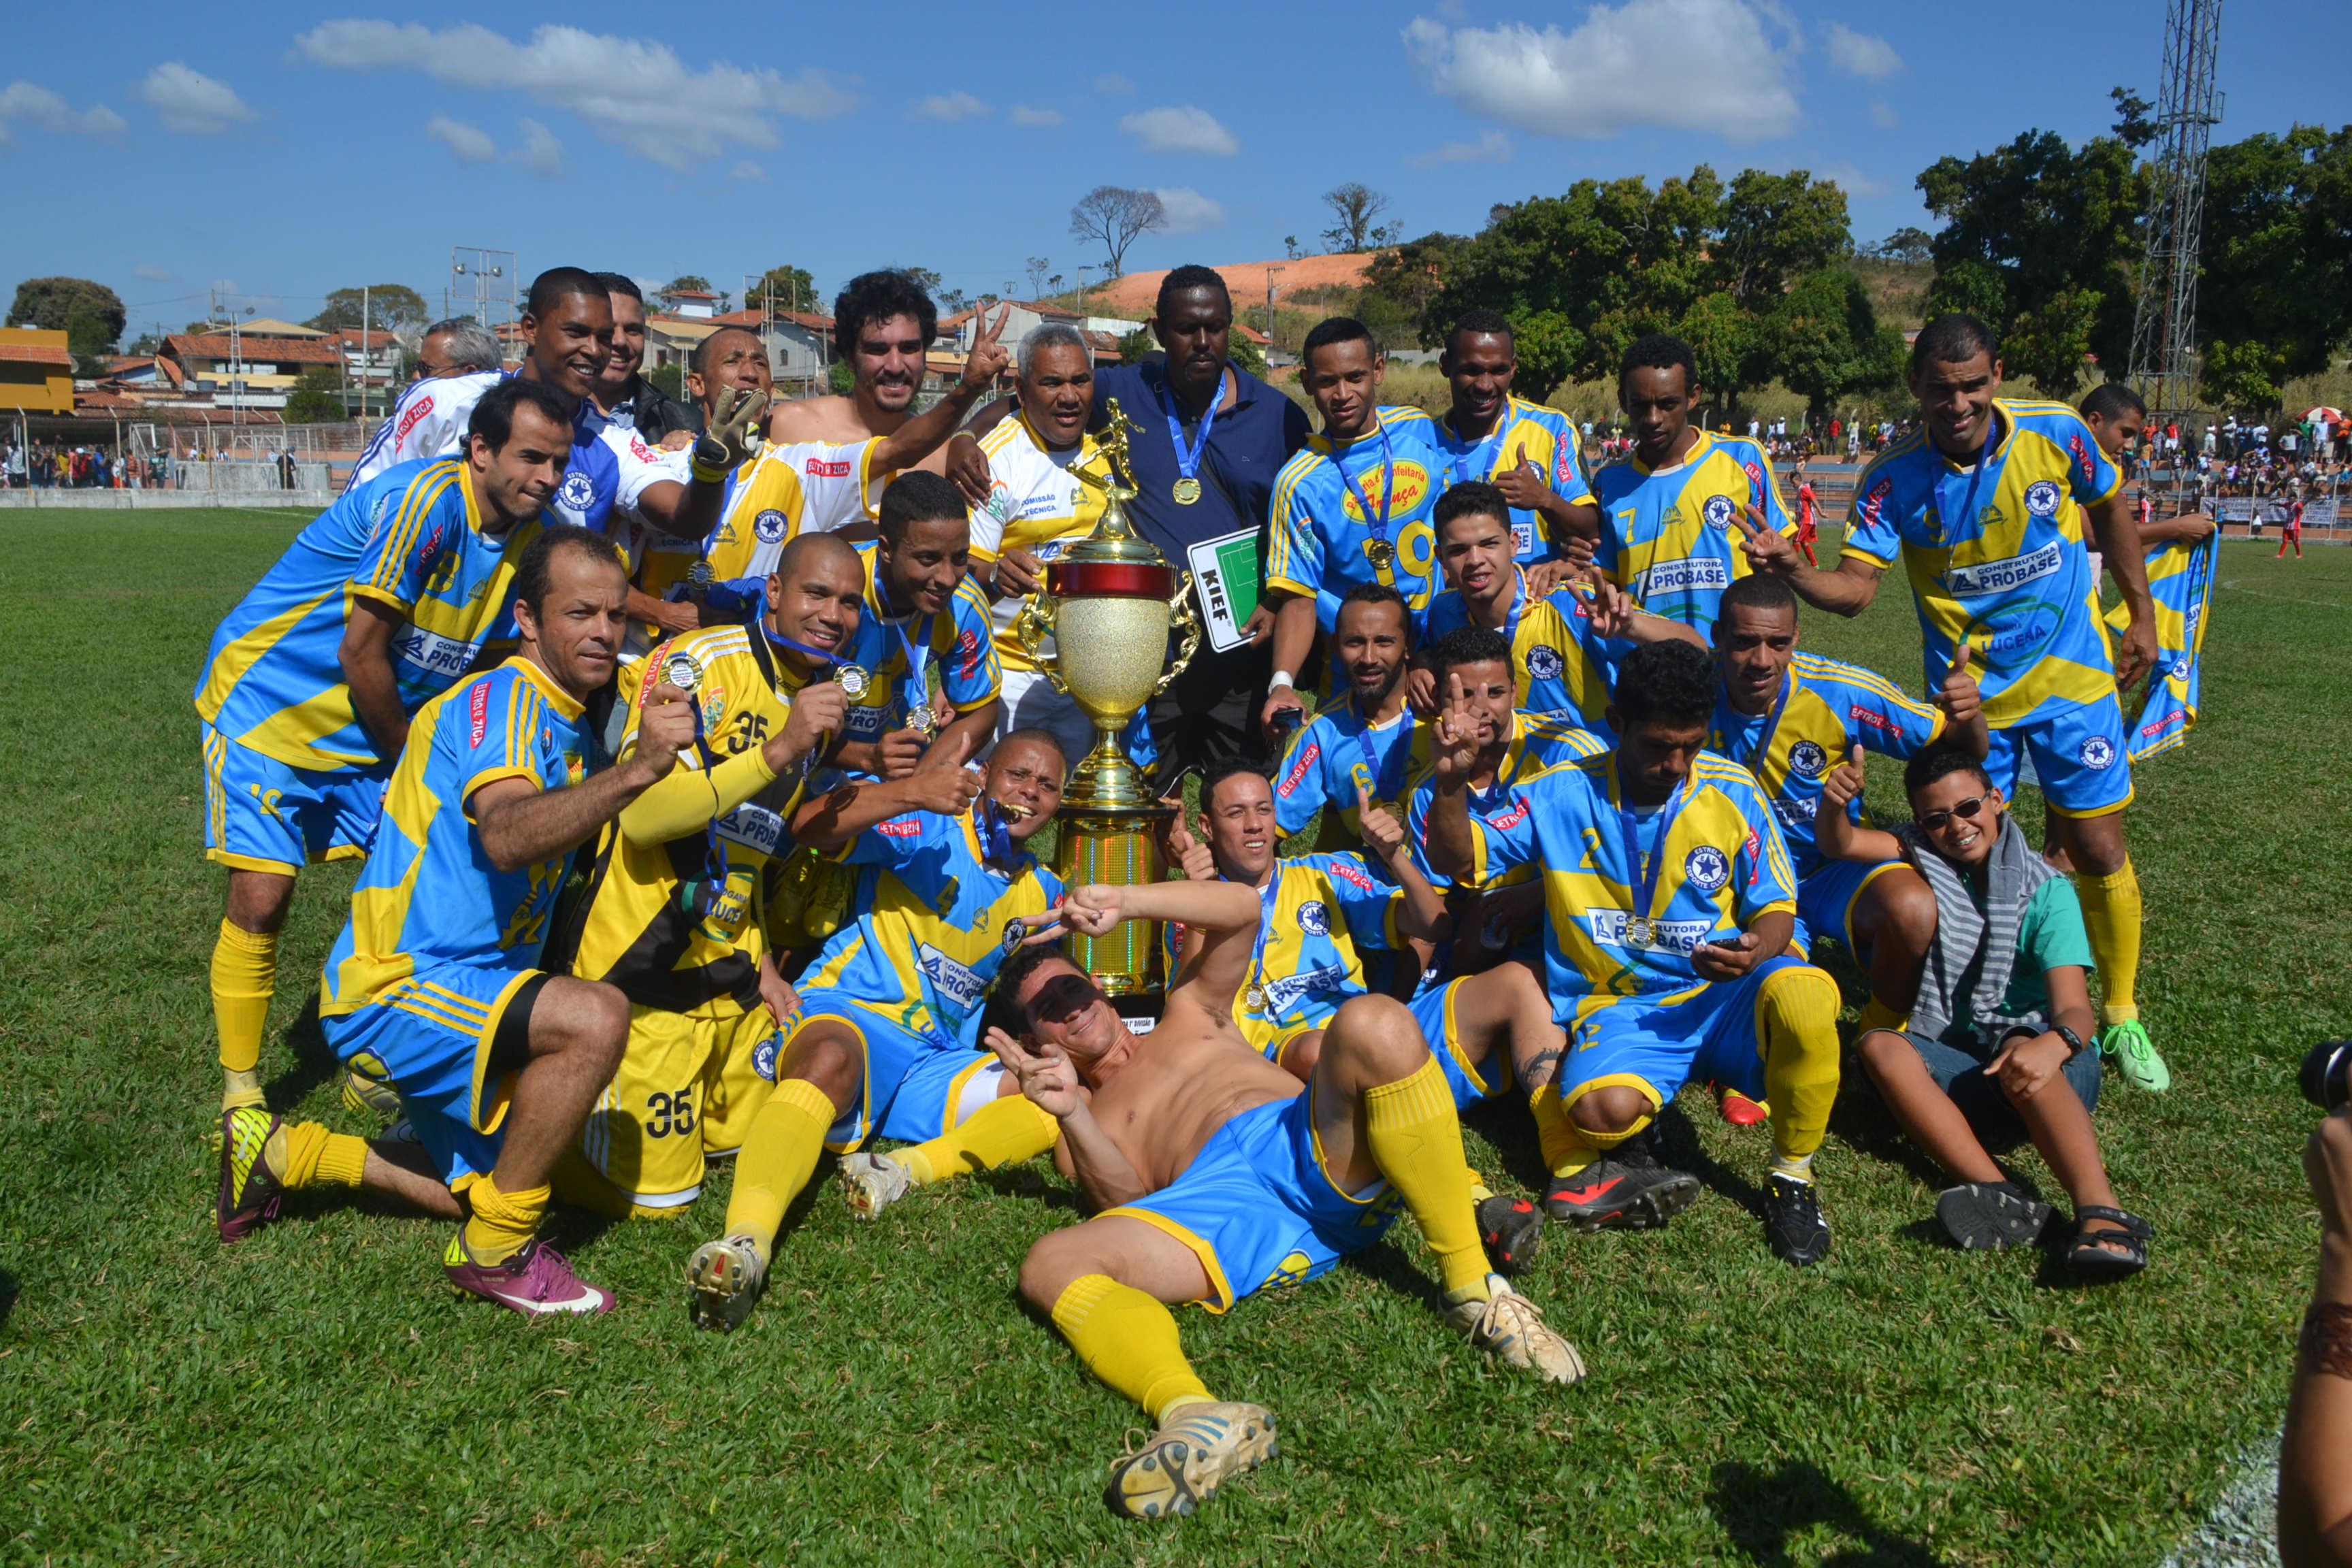 Mensagem  O Estrela Esporte Clube conquista o Bicampeonato Luziense  2012 2014 dfc6ab638fedd